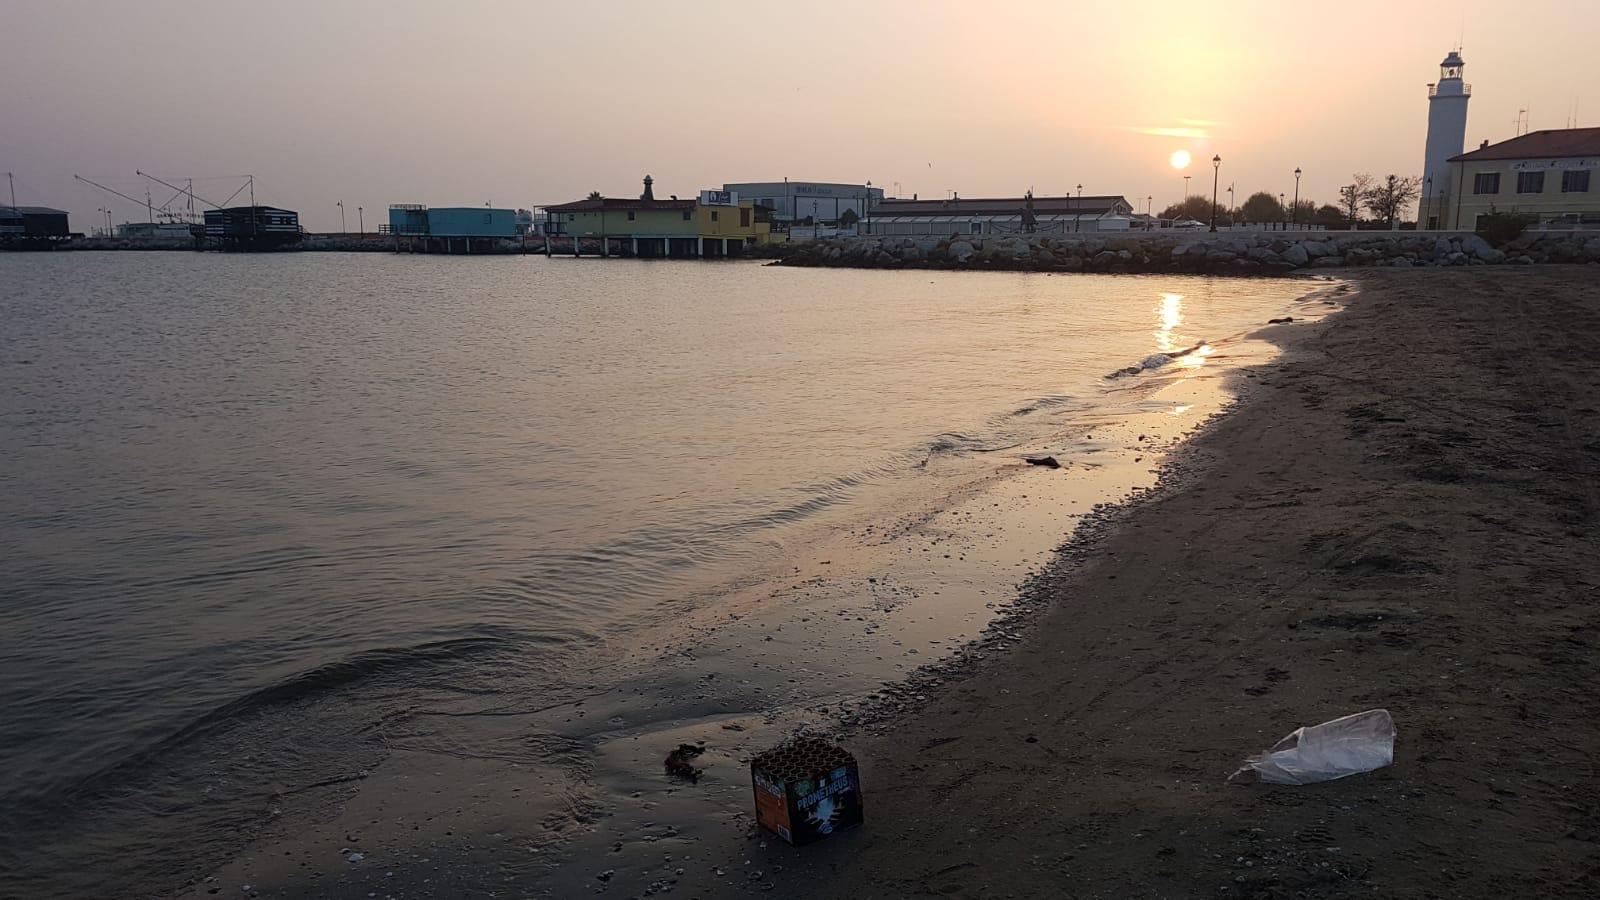 Fuochi d'artificio in spiaggia a Cesenatico. Pulire è un optional